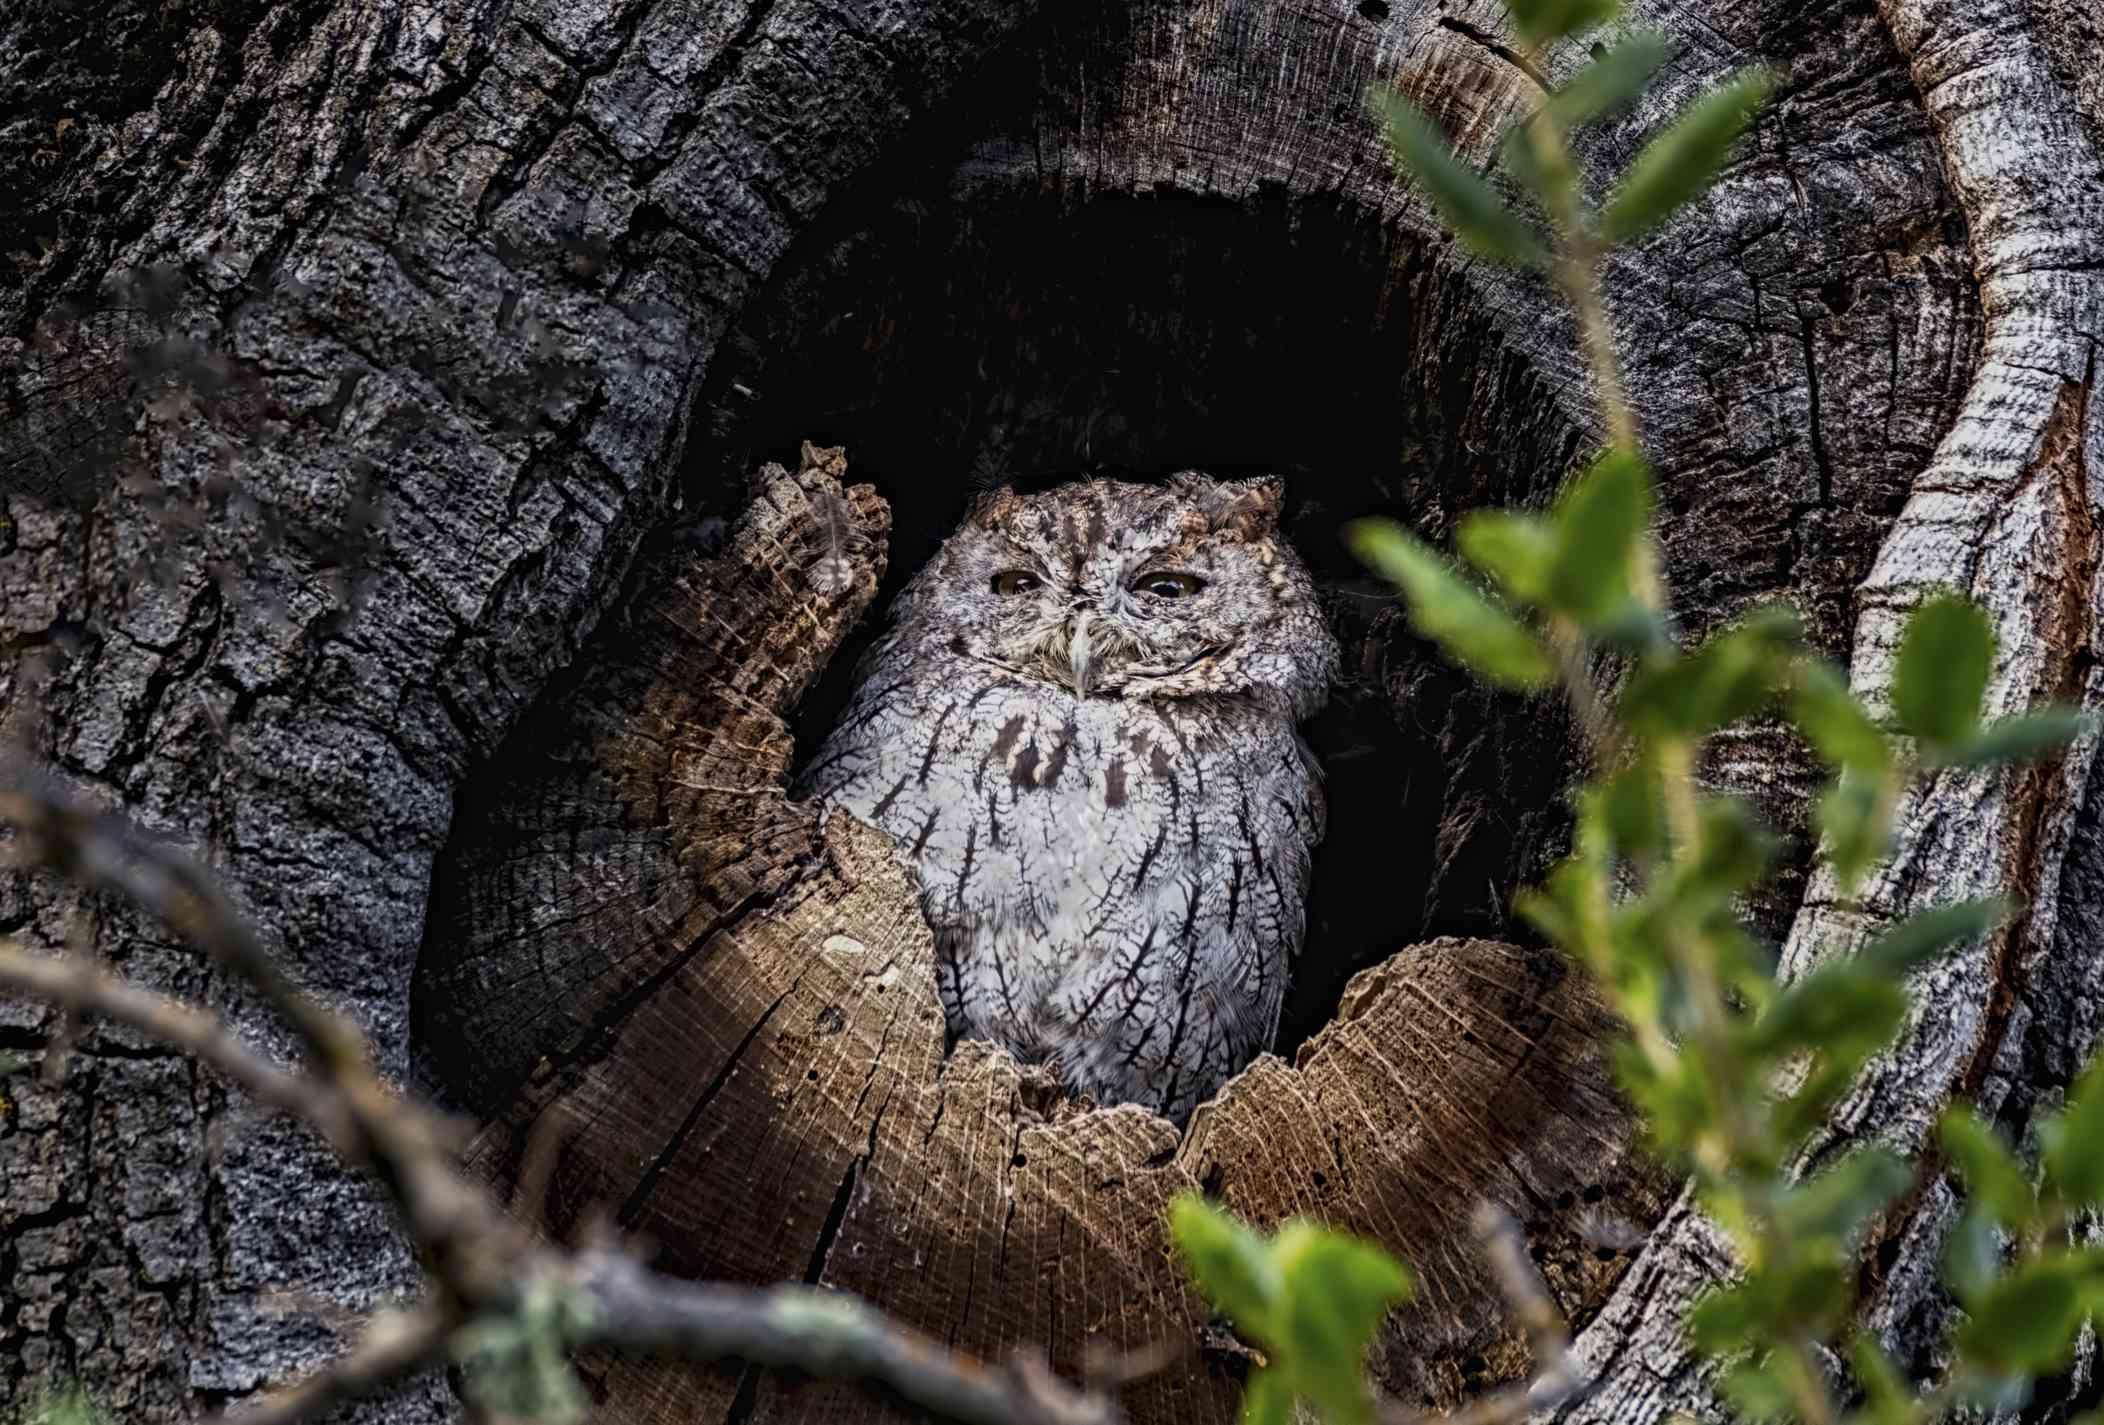 Western screech owl in a tree